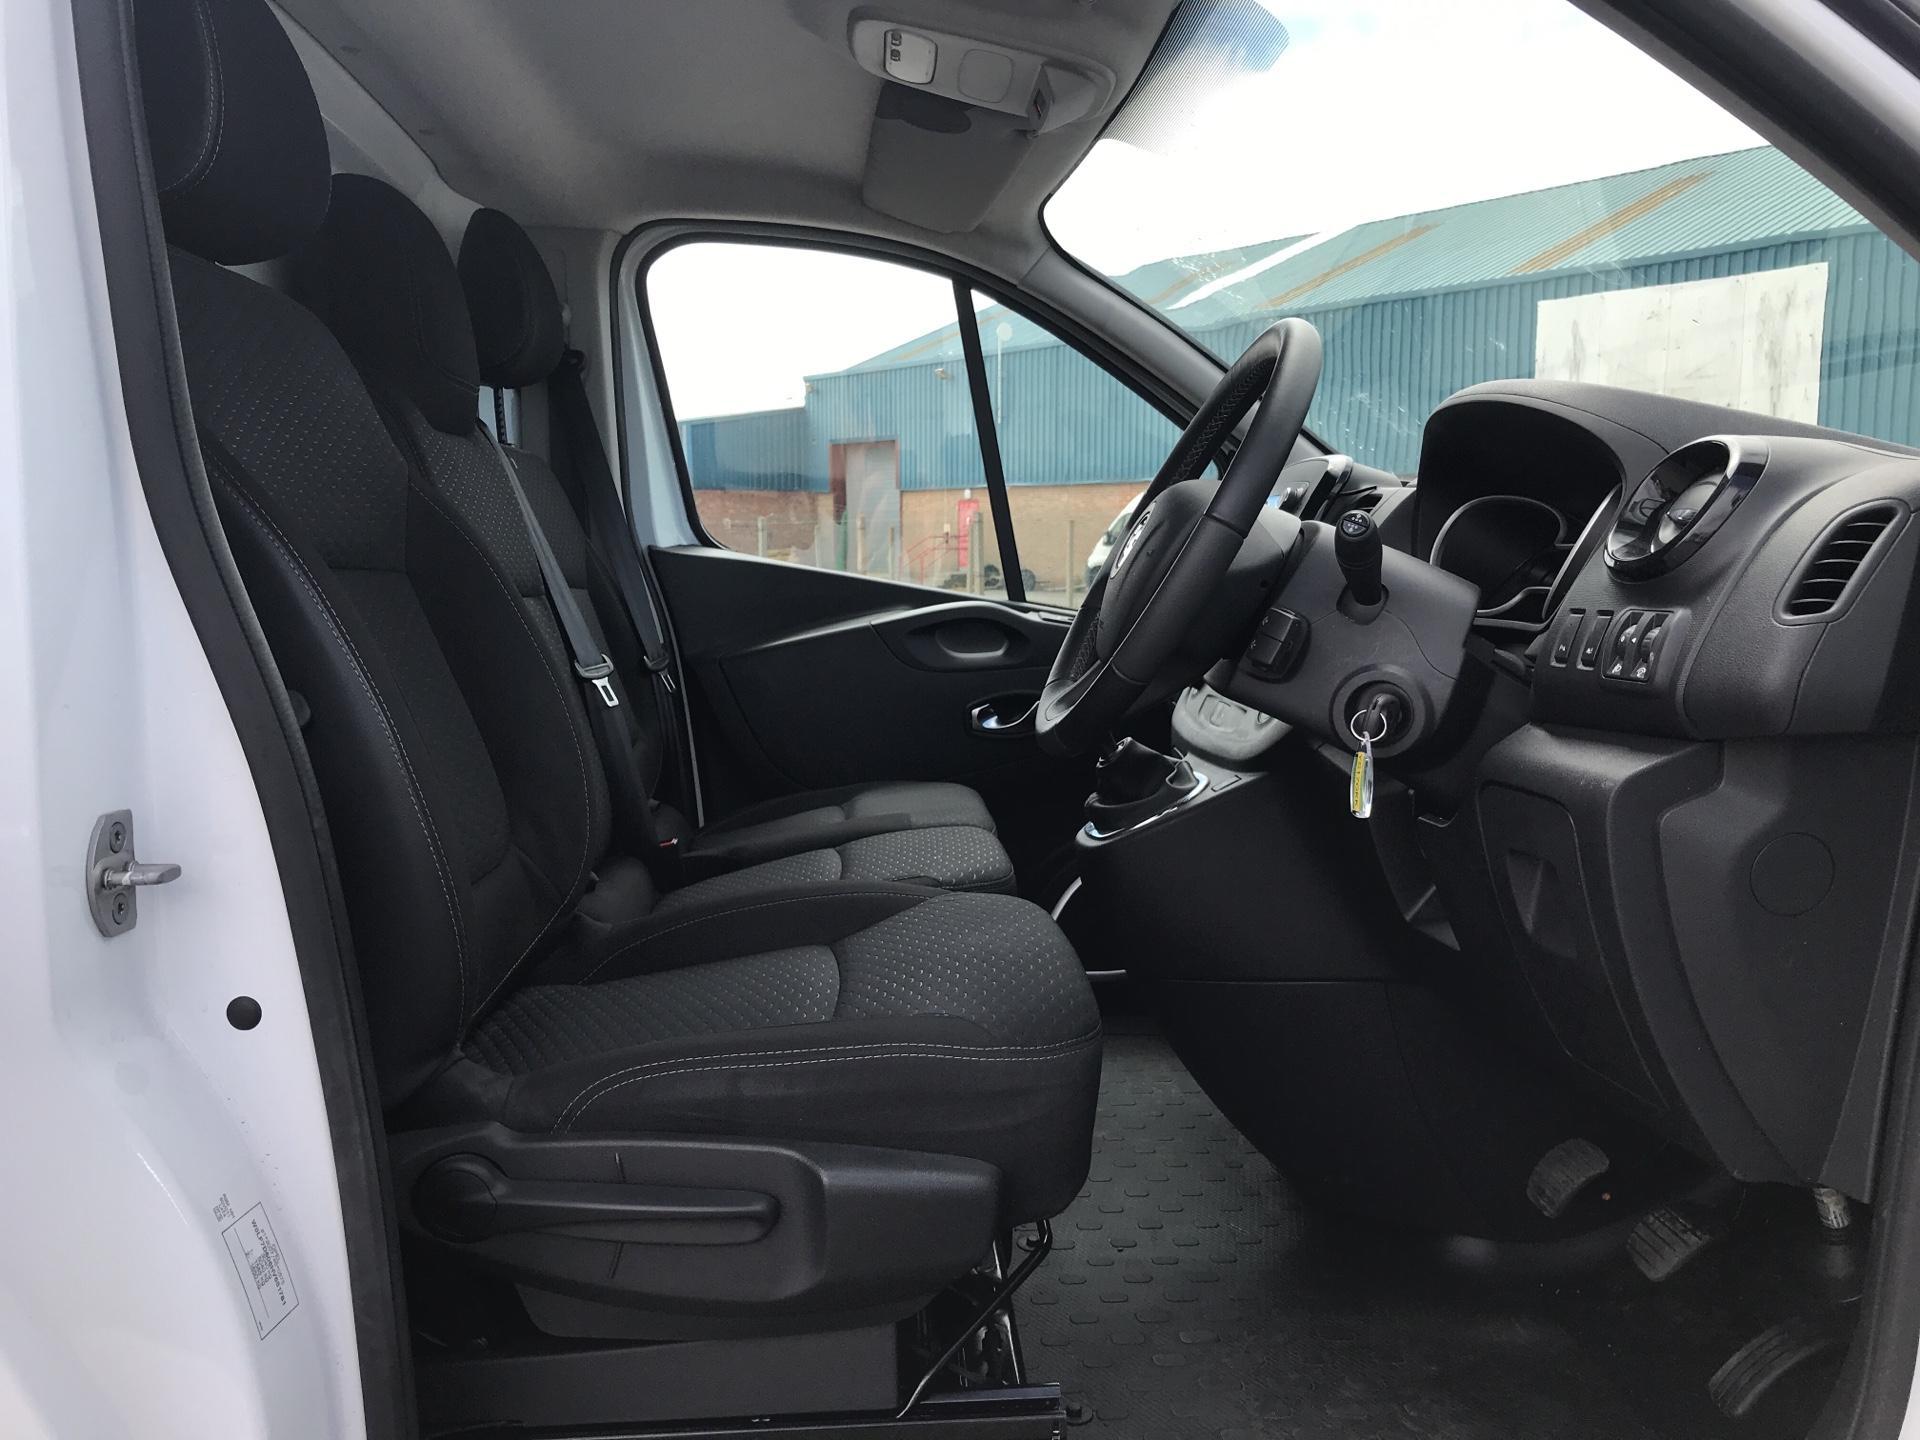 2017 Vauxhall Vivaro L2 H1 2900 1.6 115PS SPORTIVE BITURBO  EURO 5 (YS17GKK) Image 9